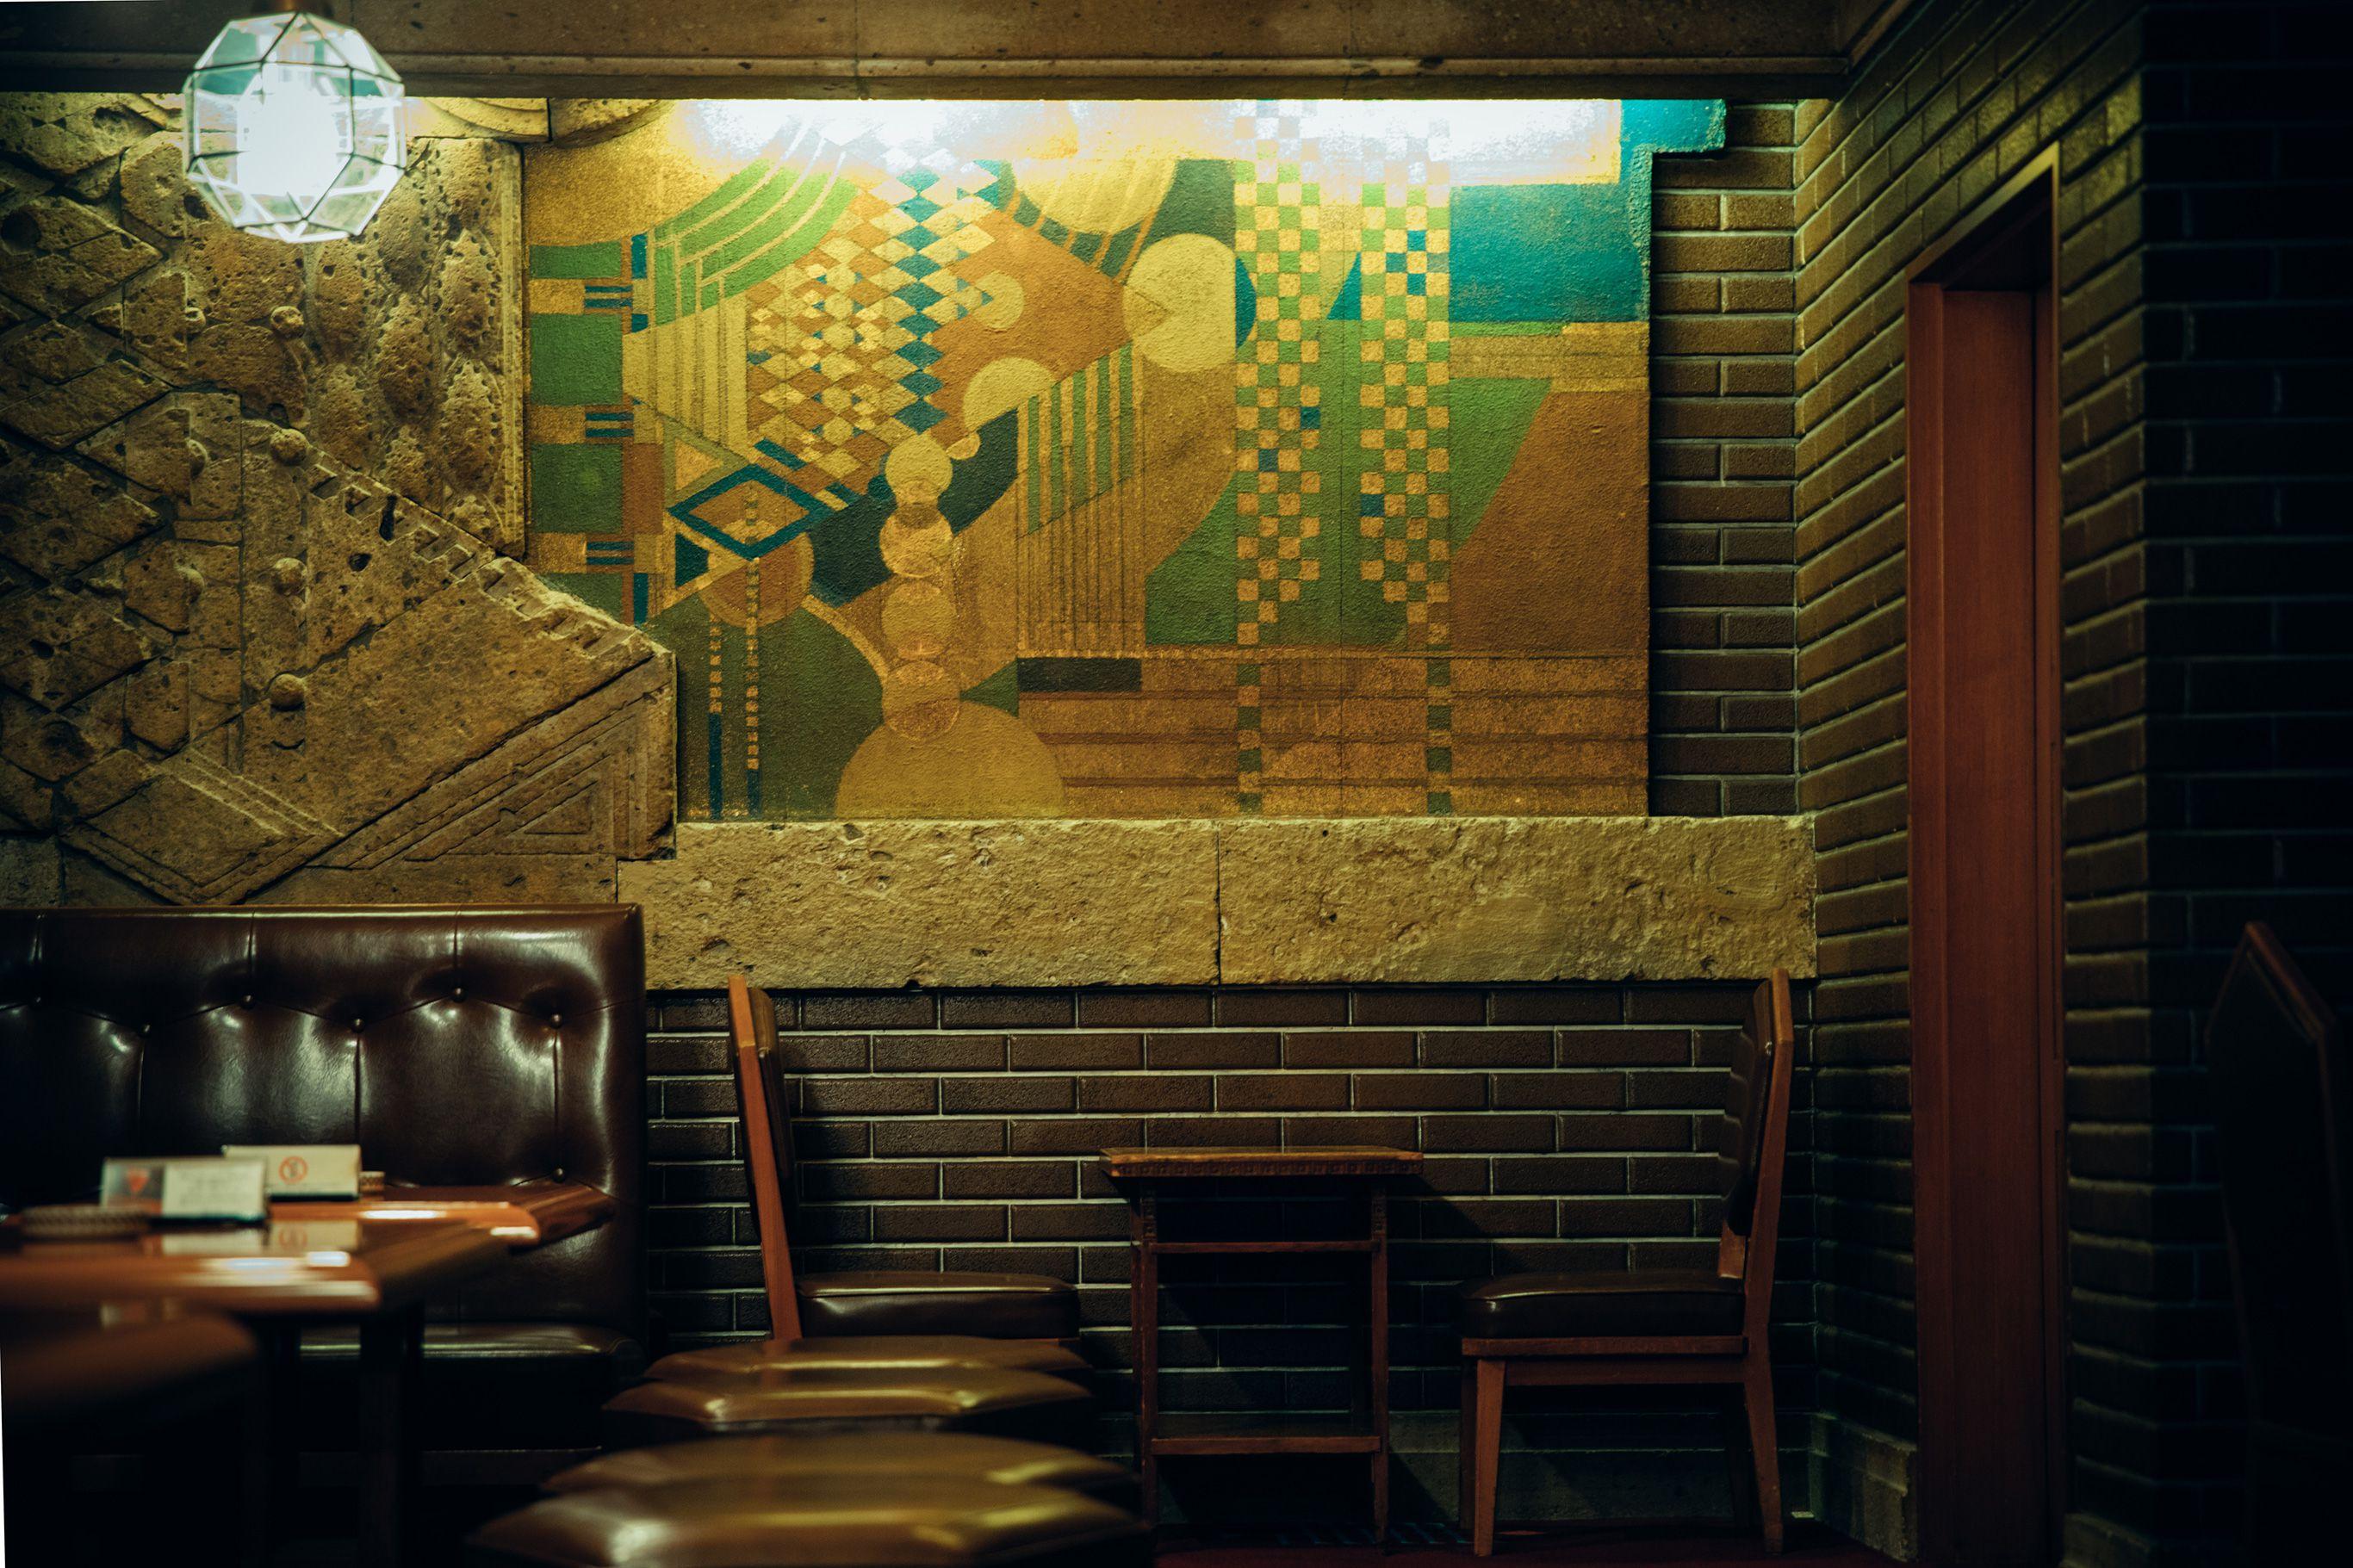 オールドインペリアルバーの最奥にある壁。ライトによる1920年代のオリジナルで、当時は宴会場にあったものが、今はバーを飾っている。